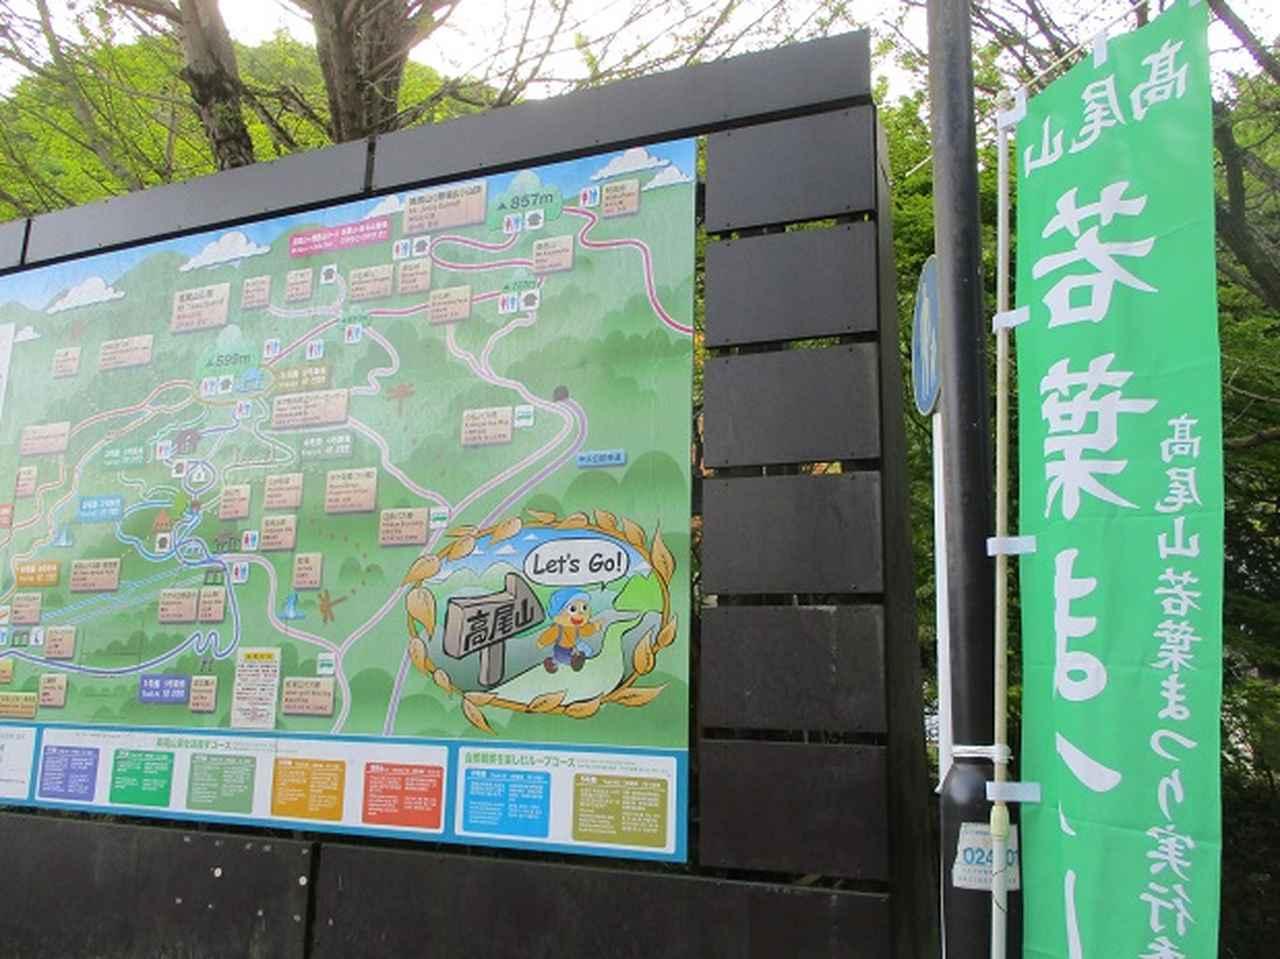 画像1: 5月の山旅会 西山峠から高尾山 ツアーの直前下見に行ってきました!